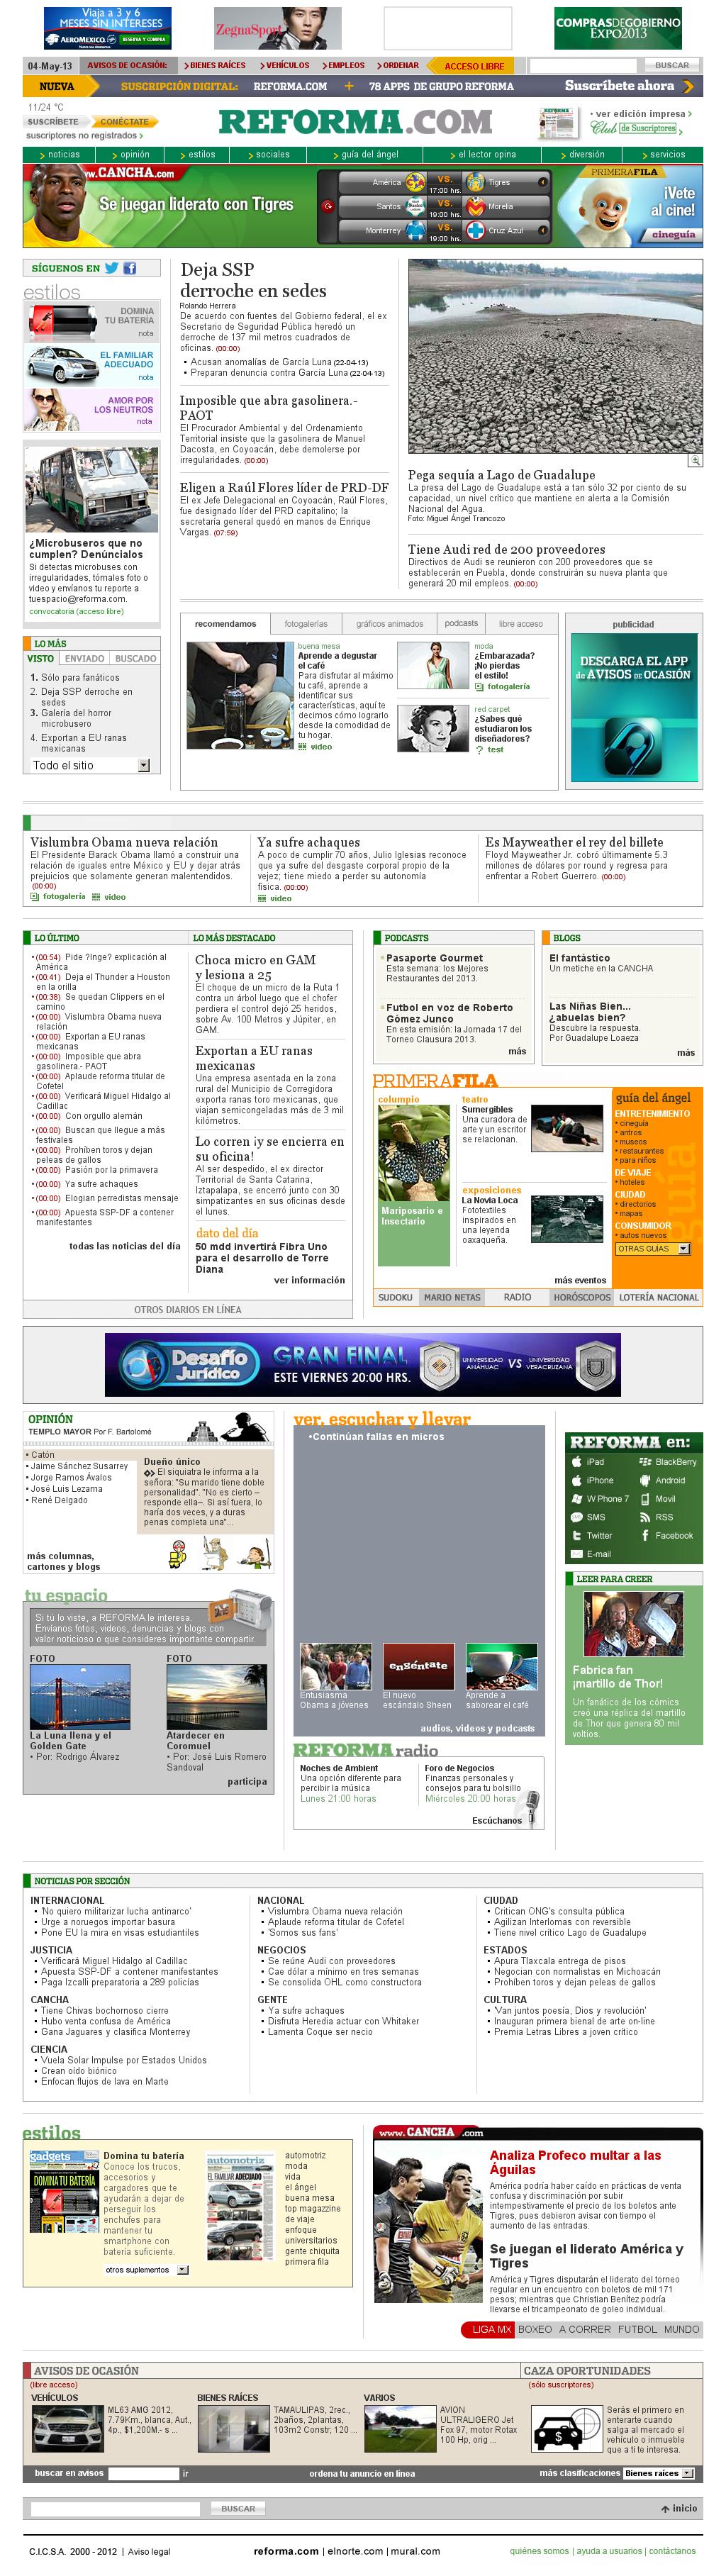 Reforma.com at Saturday May 4, 2013, 1:24 p.m. UTC